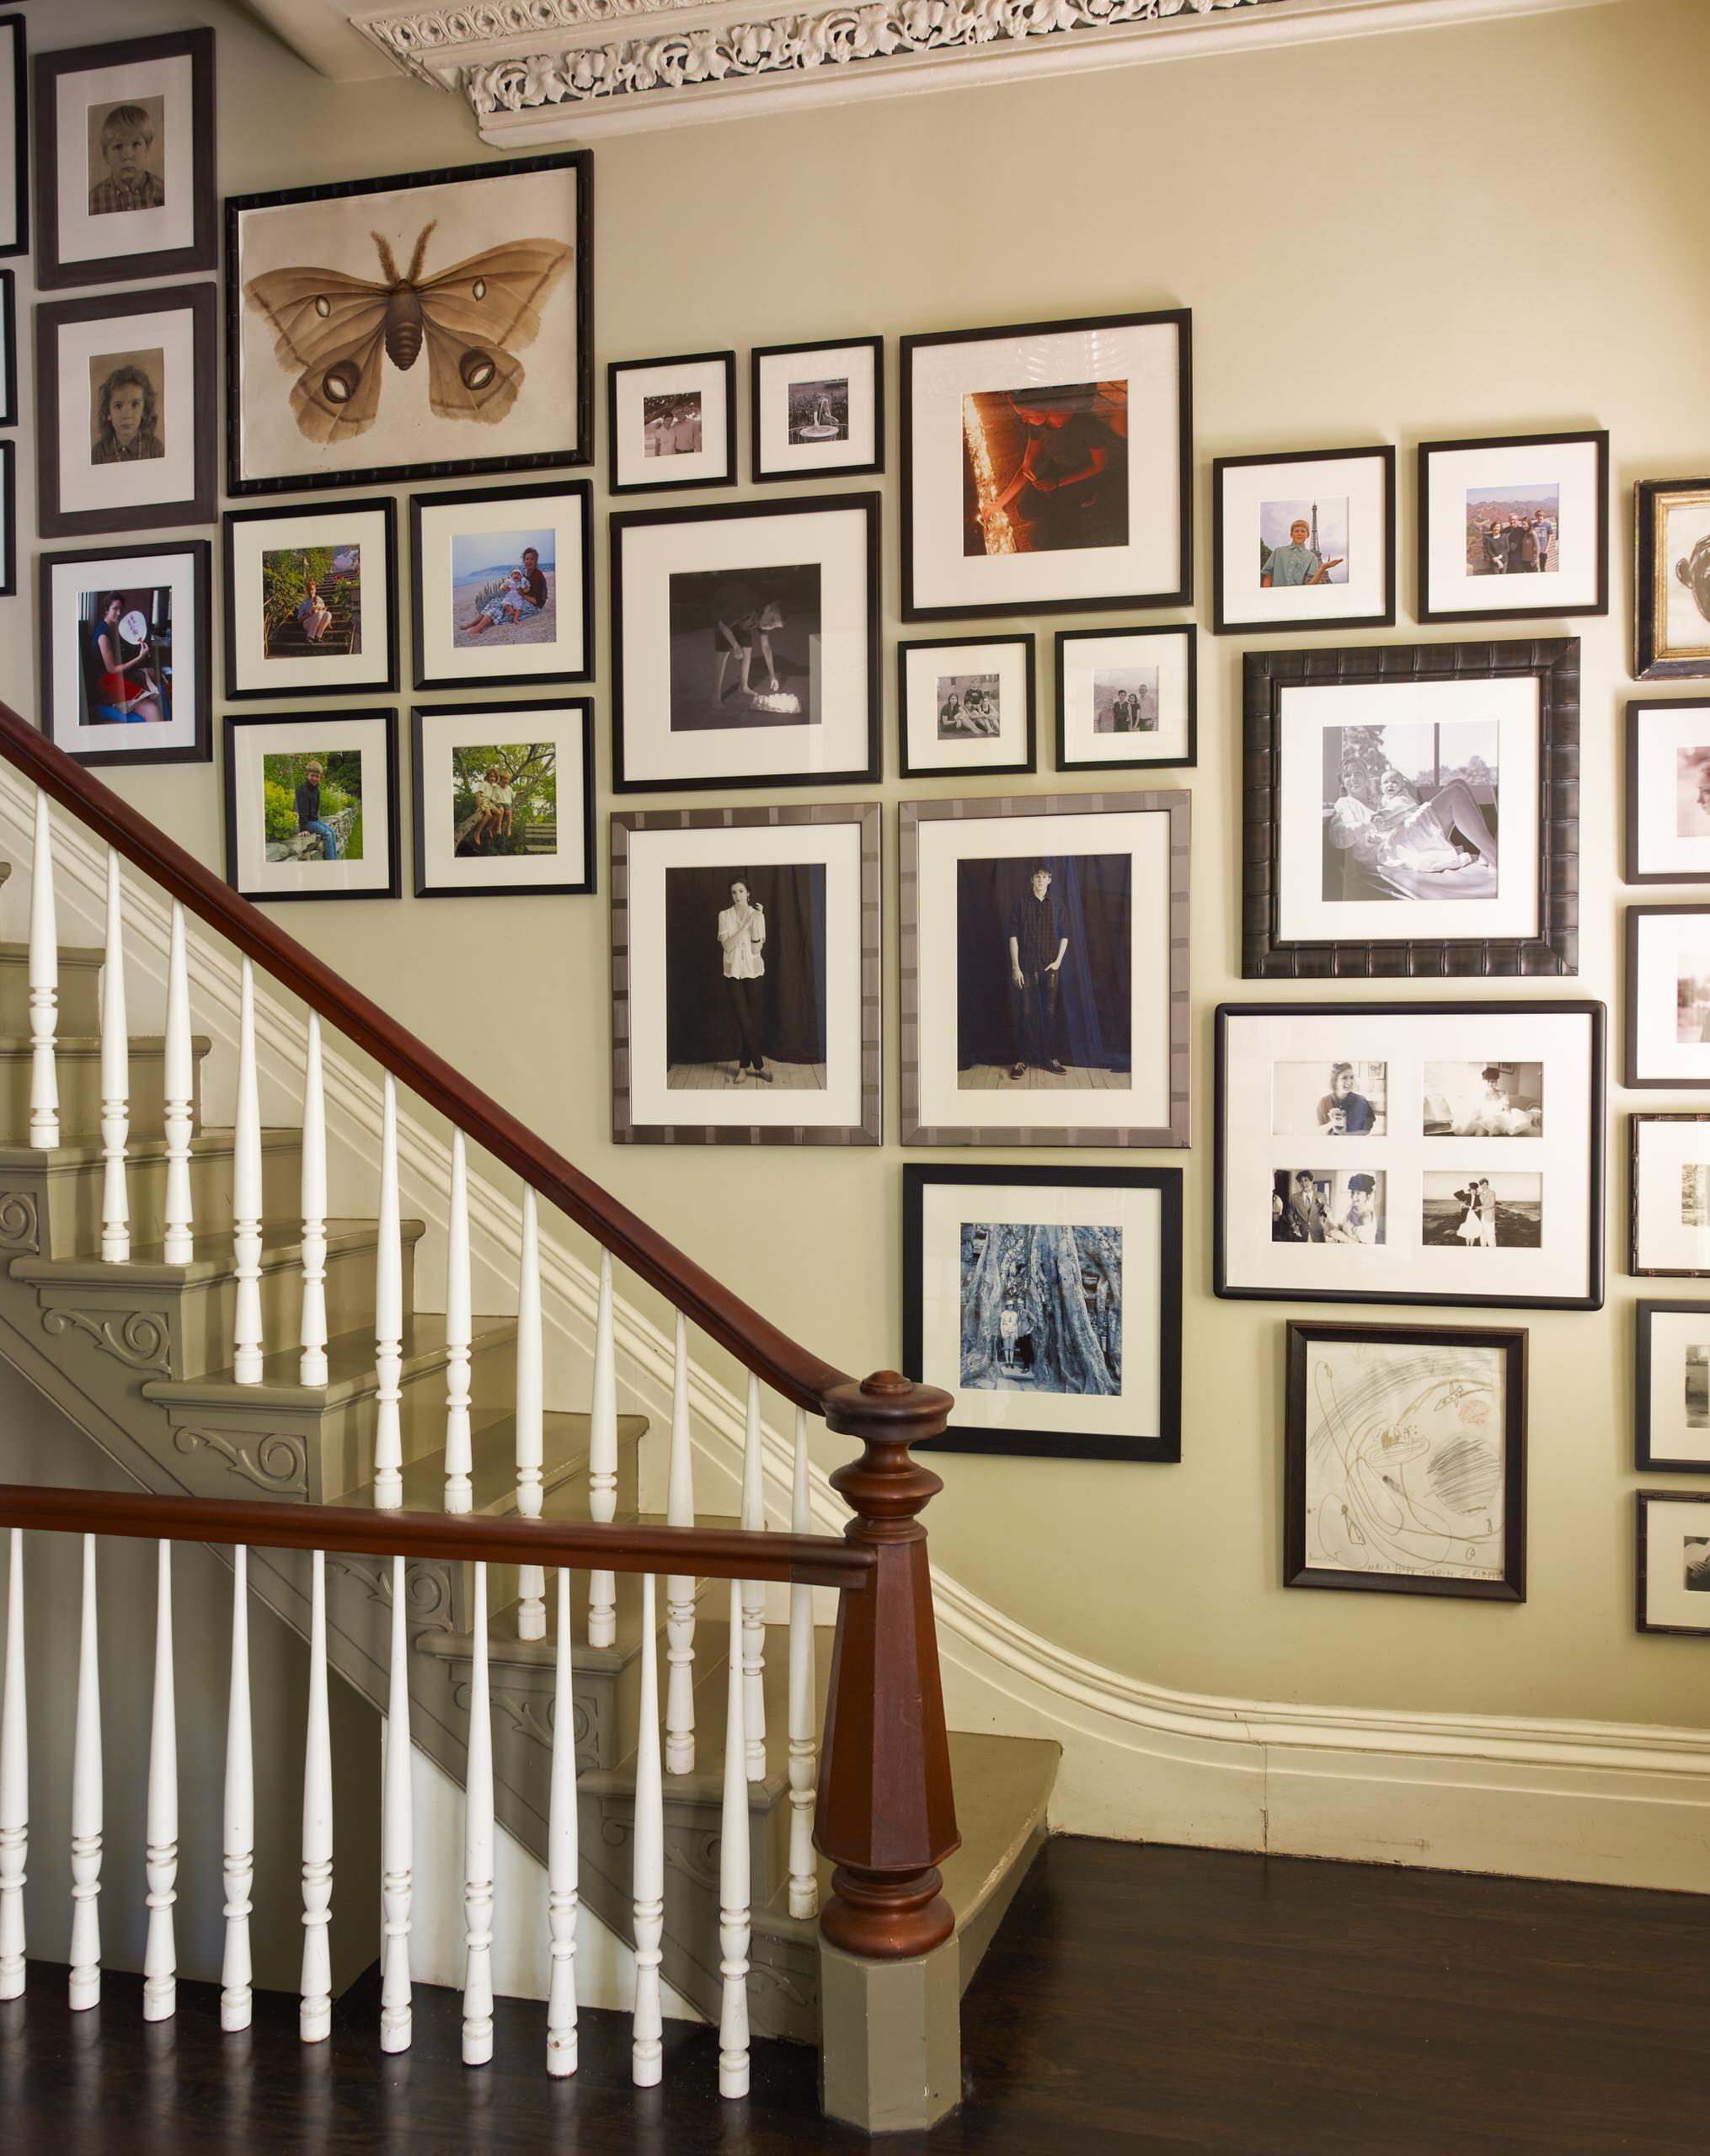 обычно декорирование лестниц фотографиями были молоды, полны